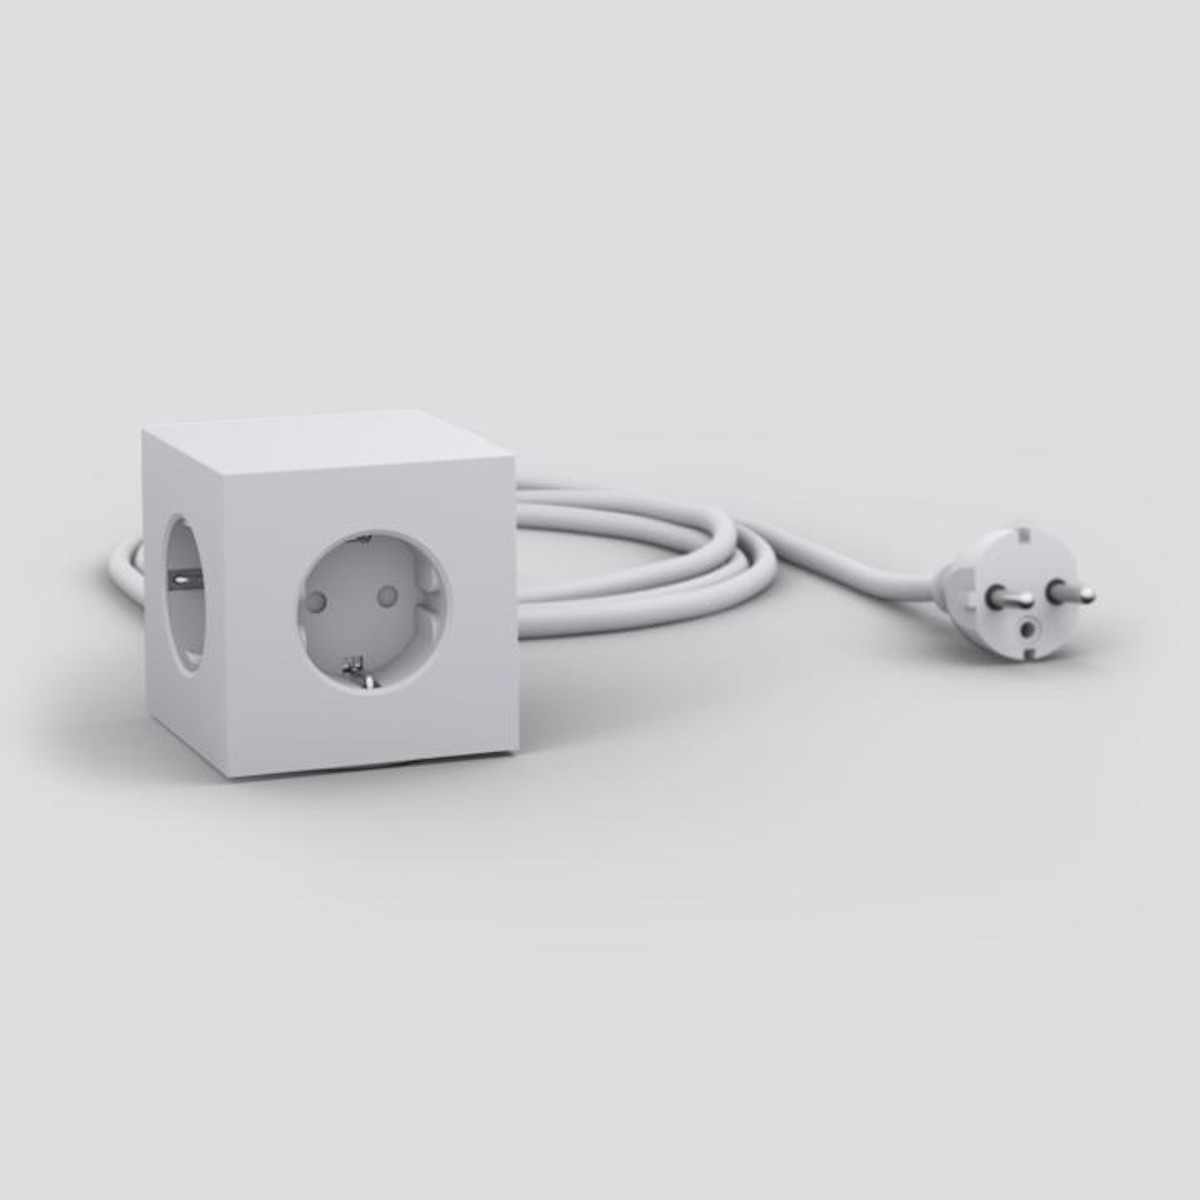 Listwa elektryczna Gotland Grey/ USB & Magnet Version Avolt